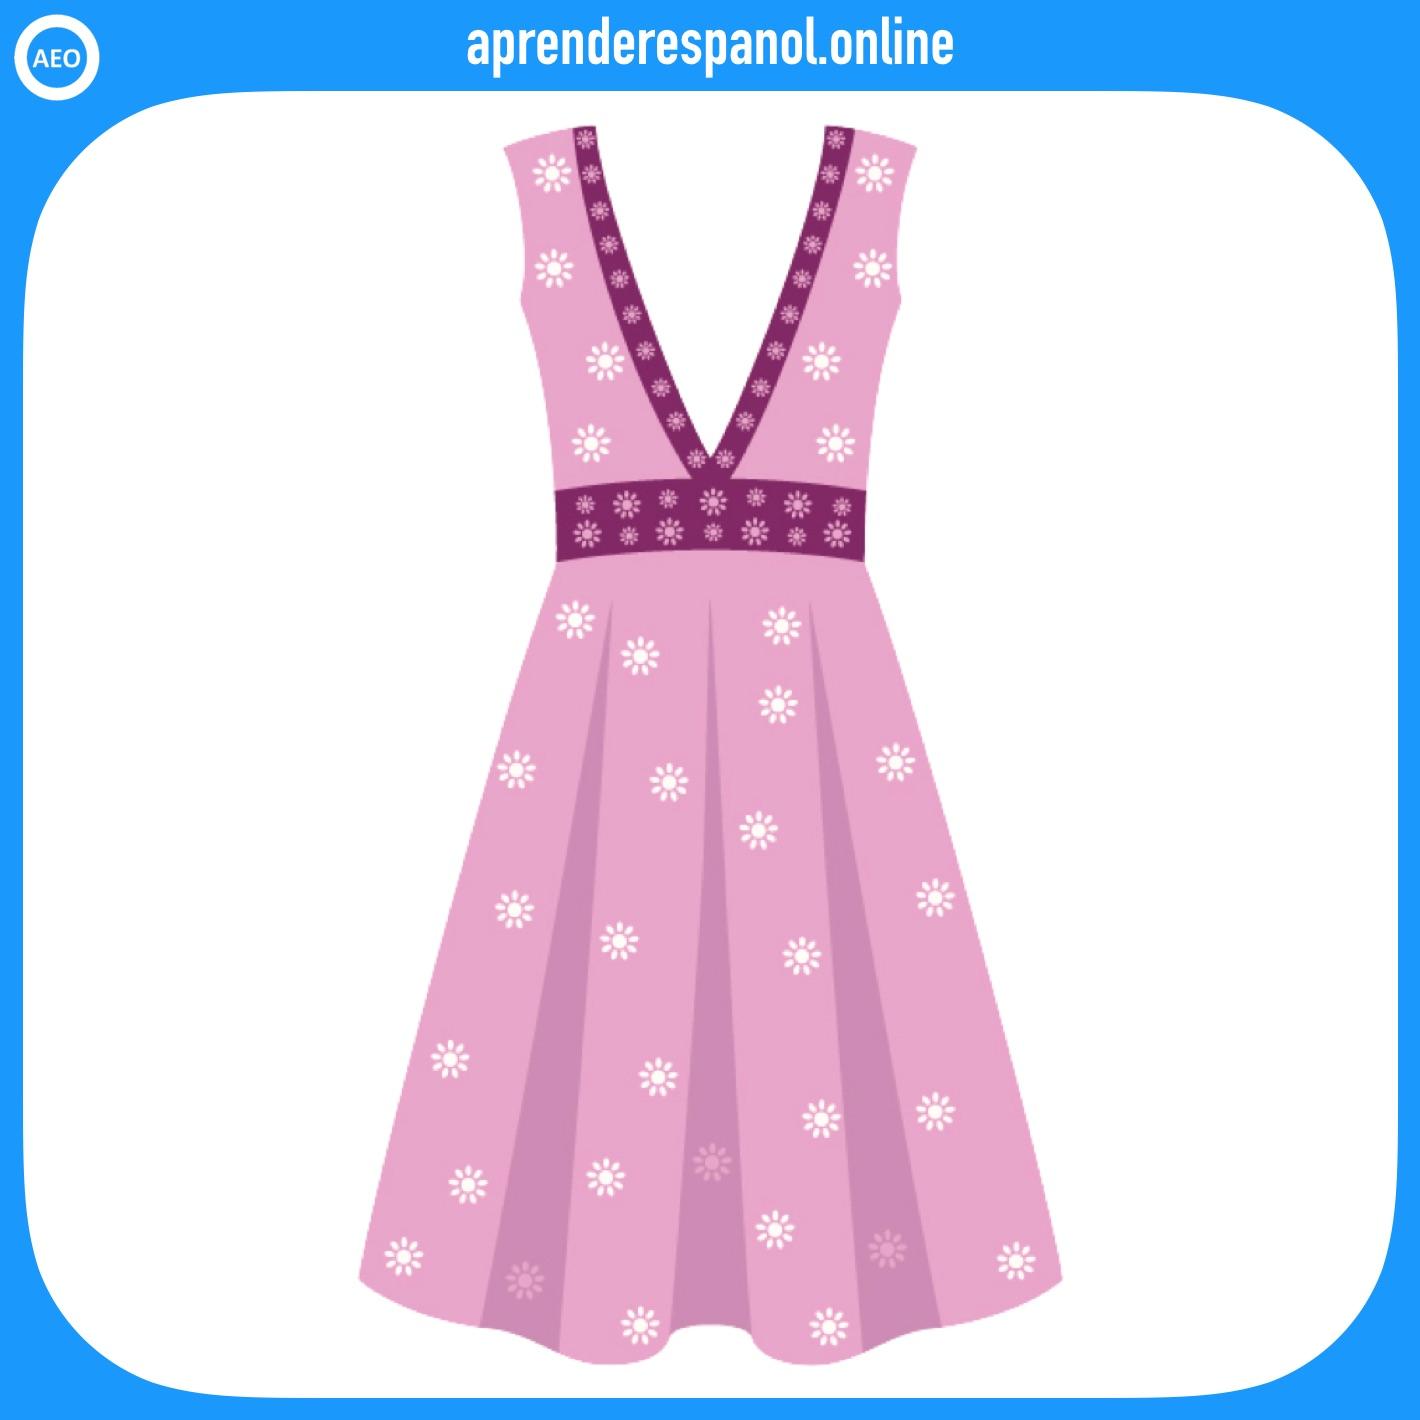 vestido | ropa en español | vocabulario de la ropa en español